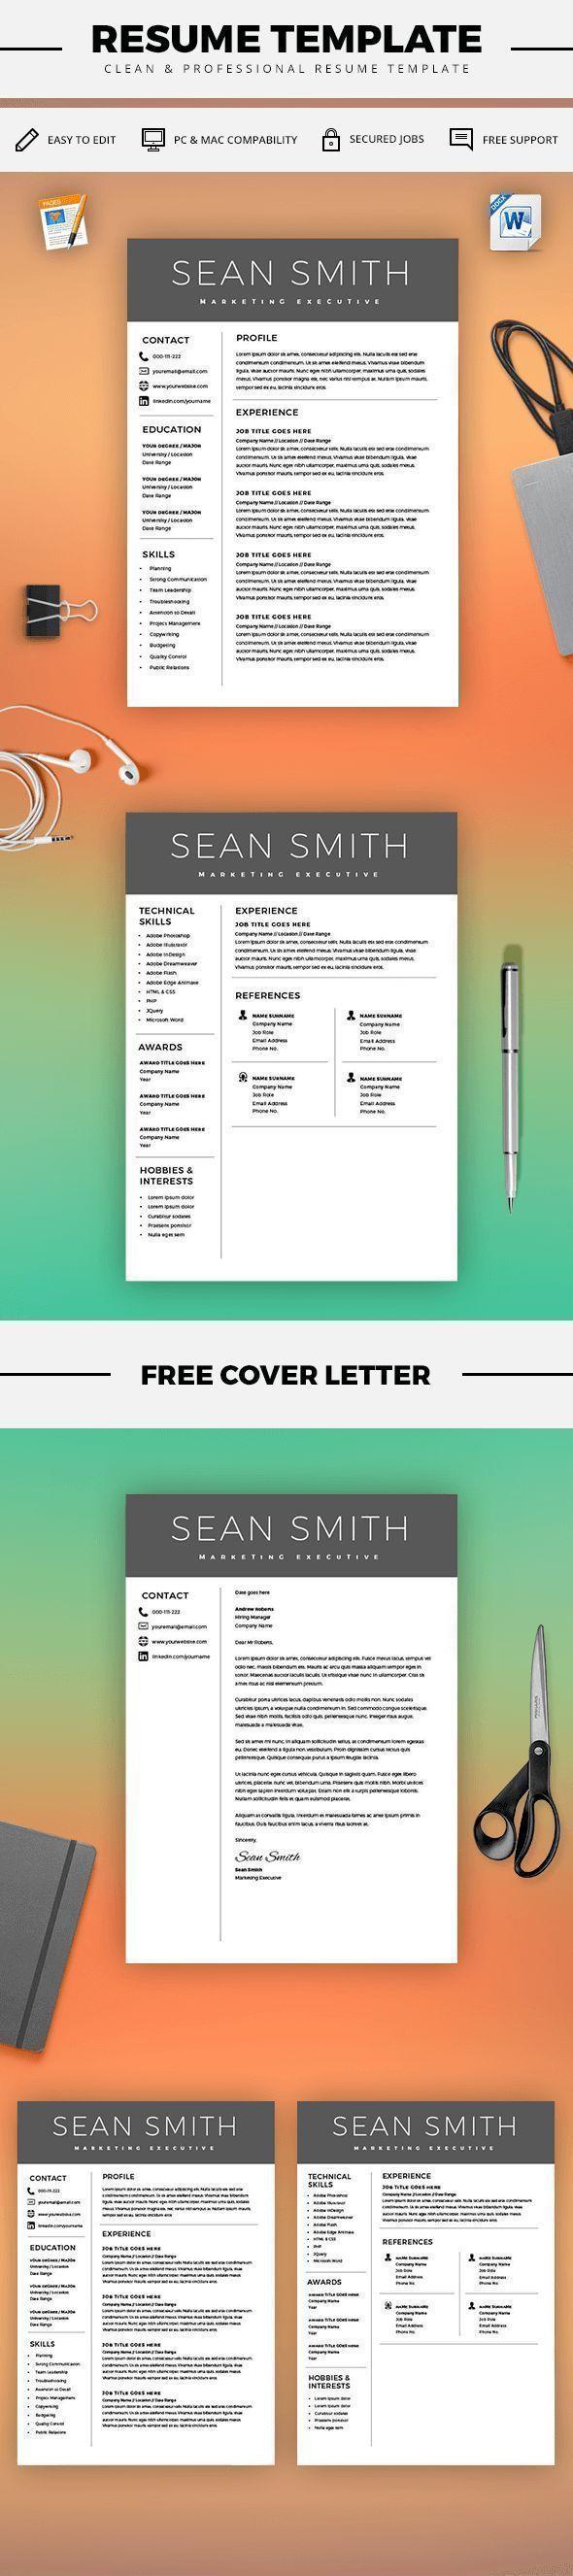 Best 25+ Curriculum template ideas on Pinterest | Cv template, Cv ...